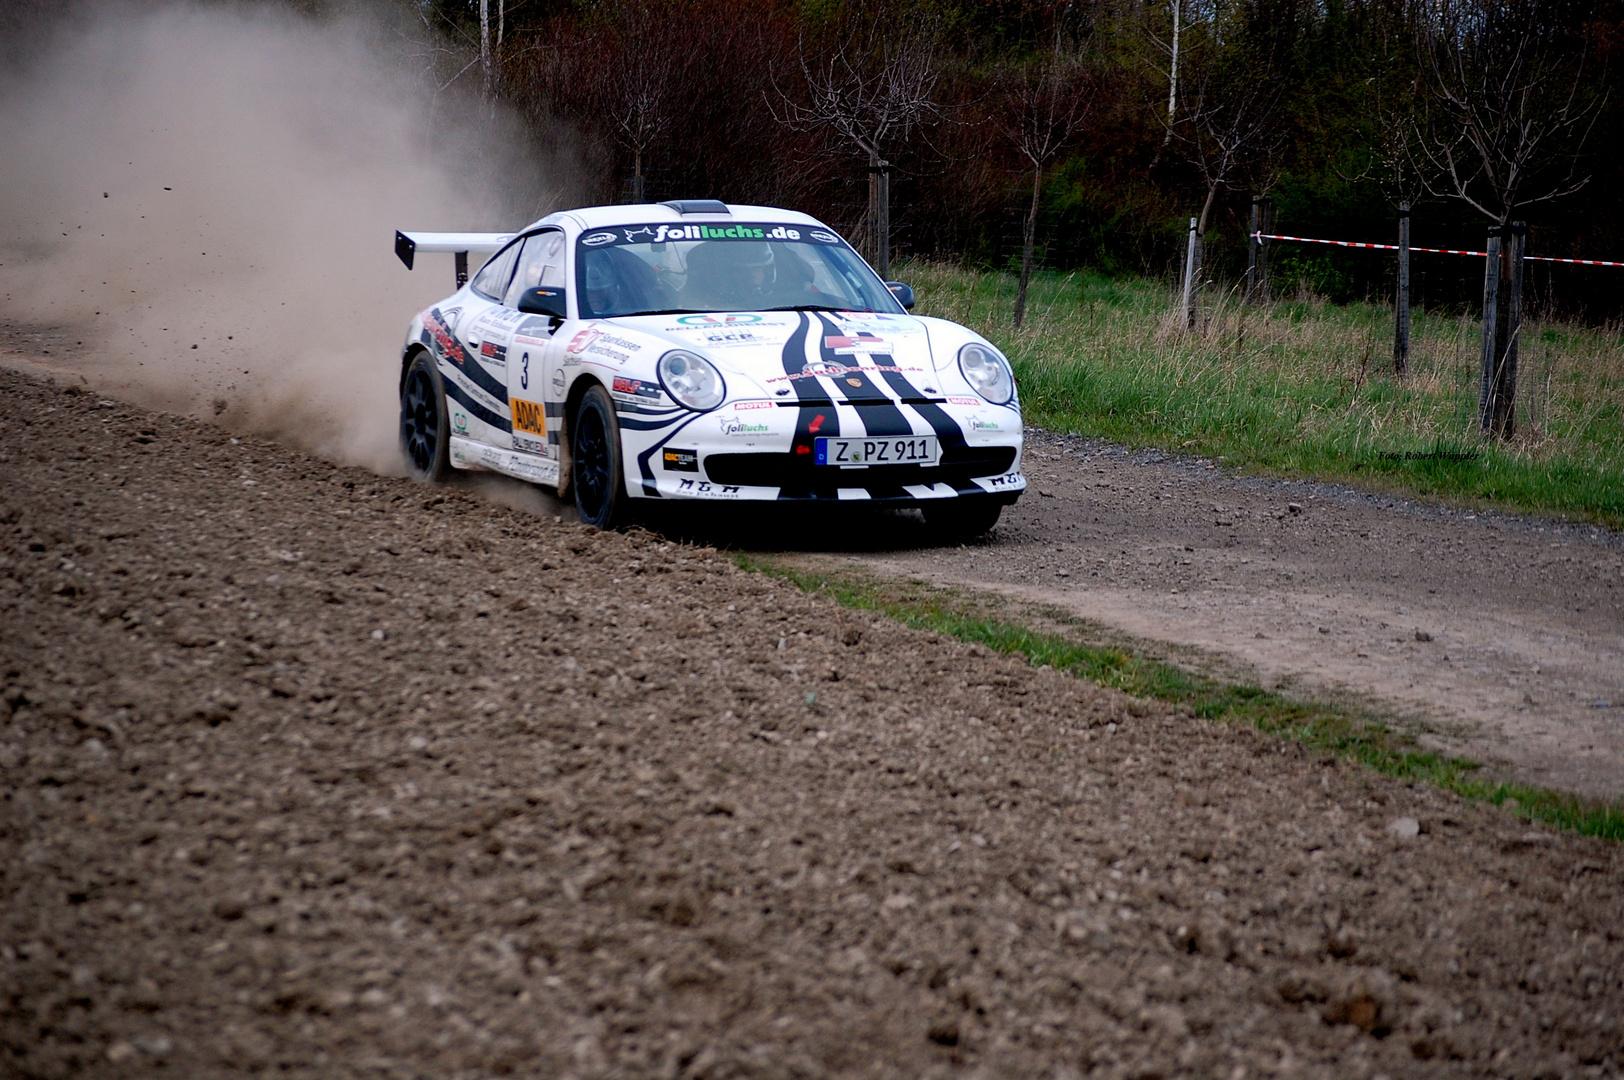 Erzgebirgsrallye Gewinner 2012 Ruben & Petra Zeltner mit seinen Porsche 996 GT 3